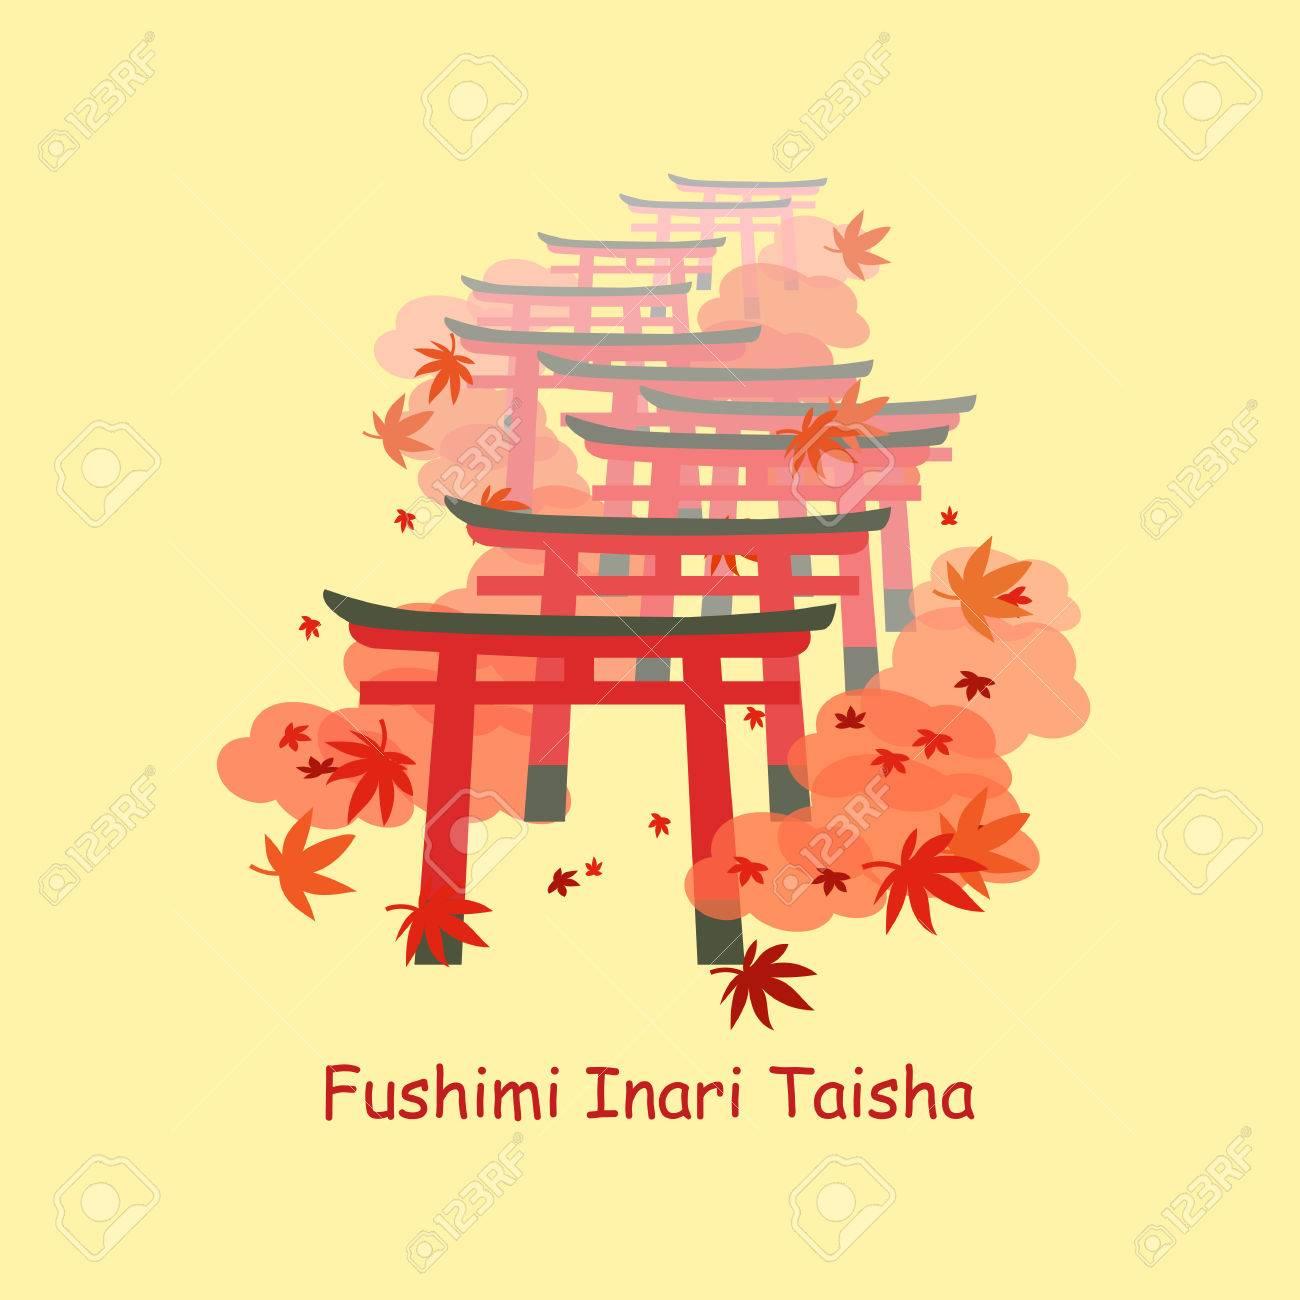 伏見稲荷大社と秋の紅葉の鳥居のイラスト素材ベクタ Image 69775918